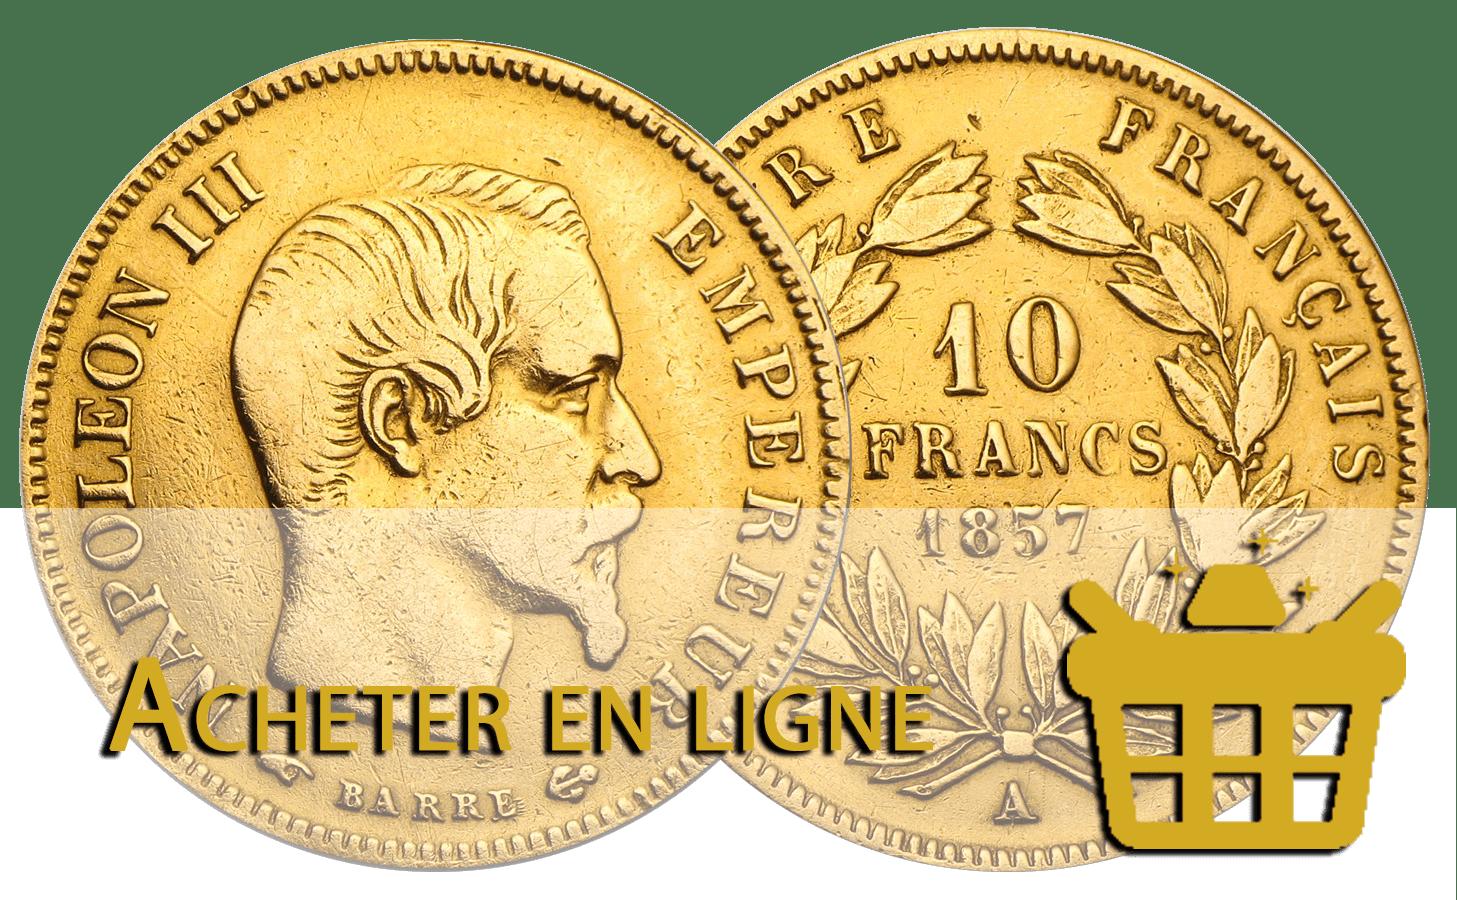 acheter 10 francs or